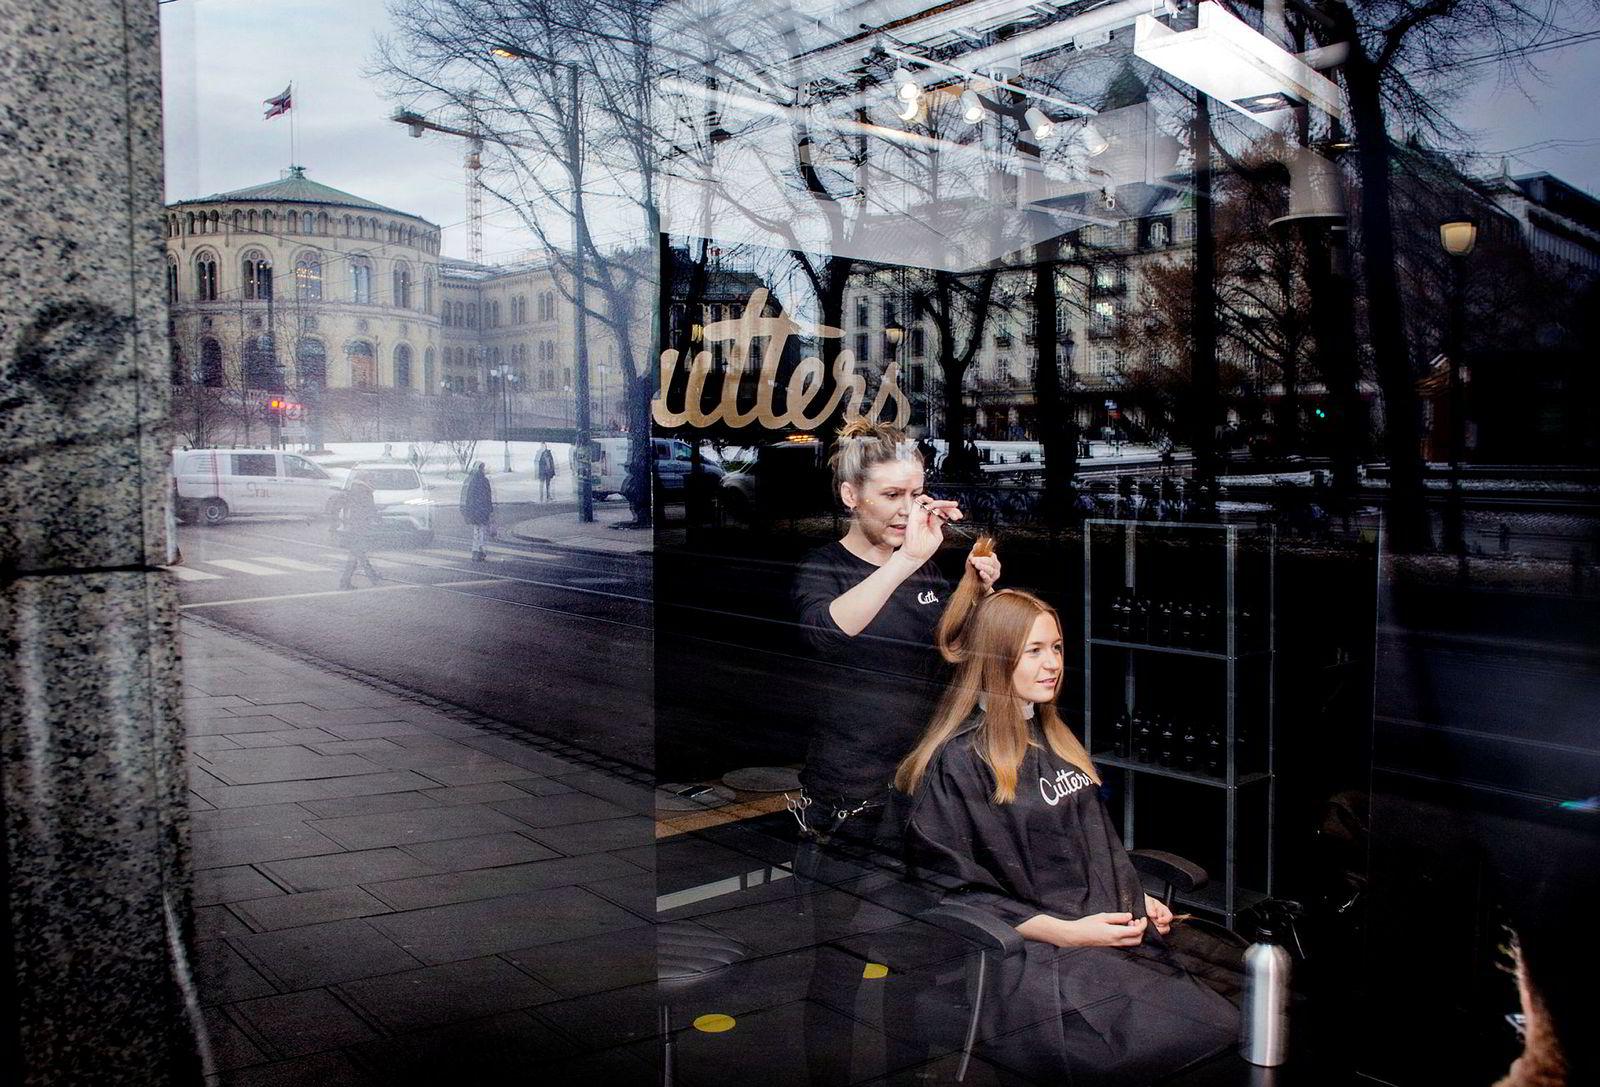 Gründerbedriften Cutters er blant annet blitt angrepet av den etablerte frisørbransjen for ikke å ivareta hygienen når kundene ikke får vasket håret. Høyre-politiker Mathilde Tybring-Gjedde har forsvart gründerbedriften. Her får hun klipp av Liv Martem Midttun hos Cutters i Stortingsgata i Oslo i 2017.